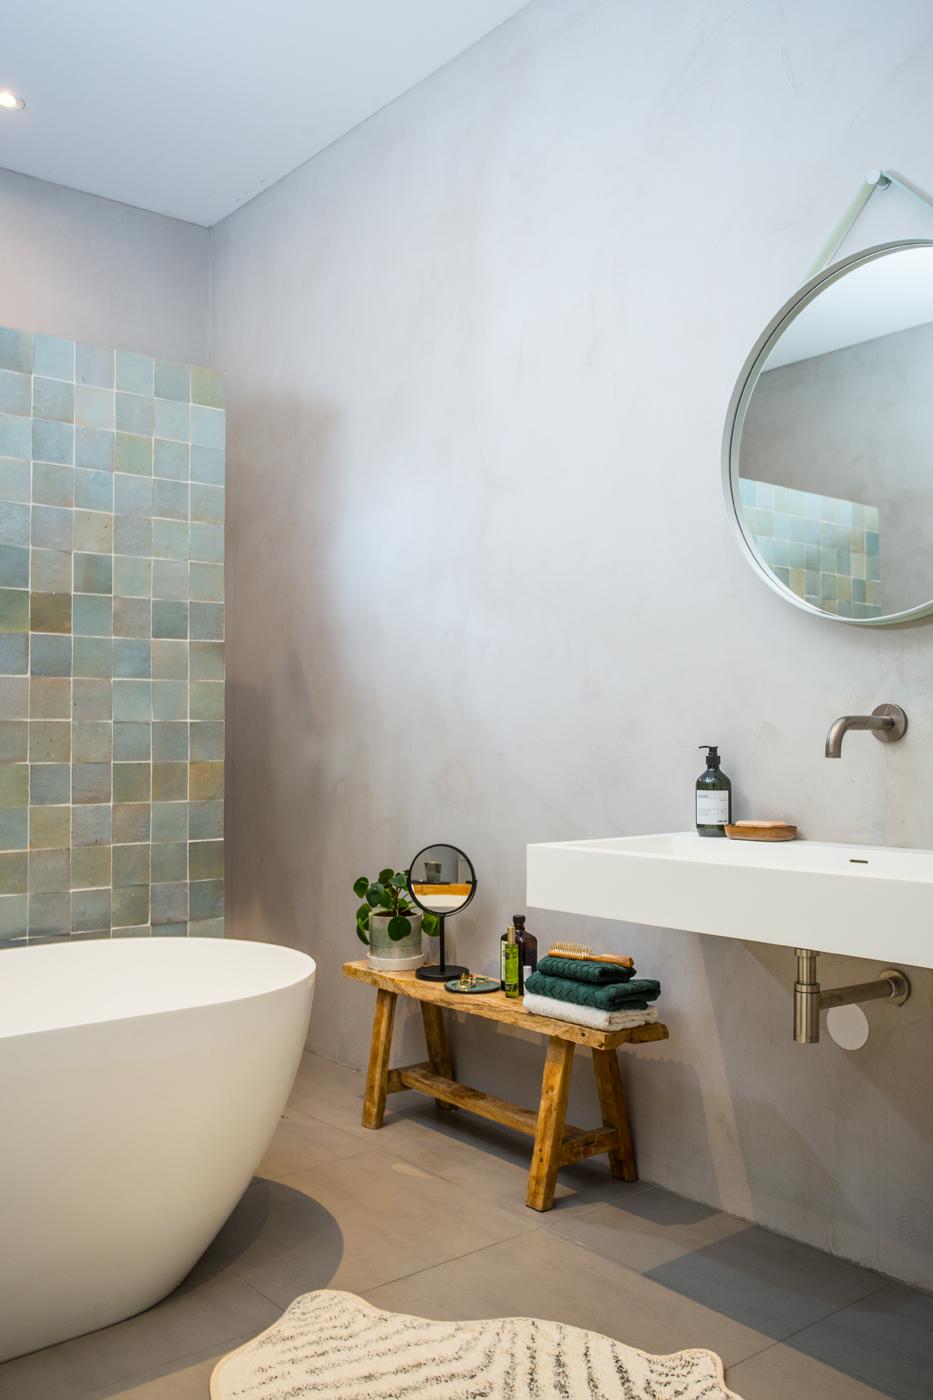 badkamer in betonlook met houten krukje met handdoeken en spiegel en plantje. badkuip voor betegelde muur